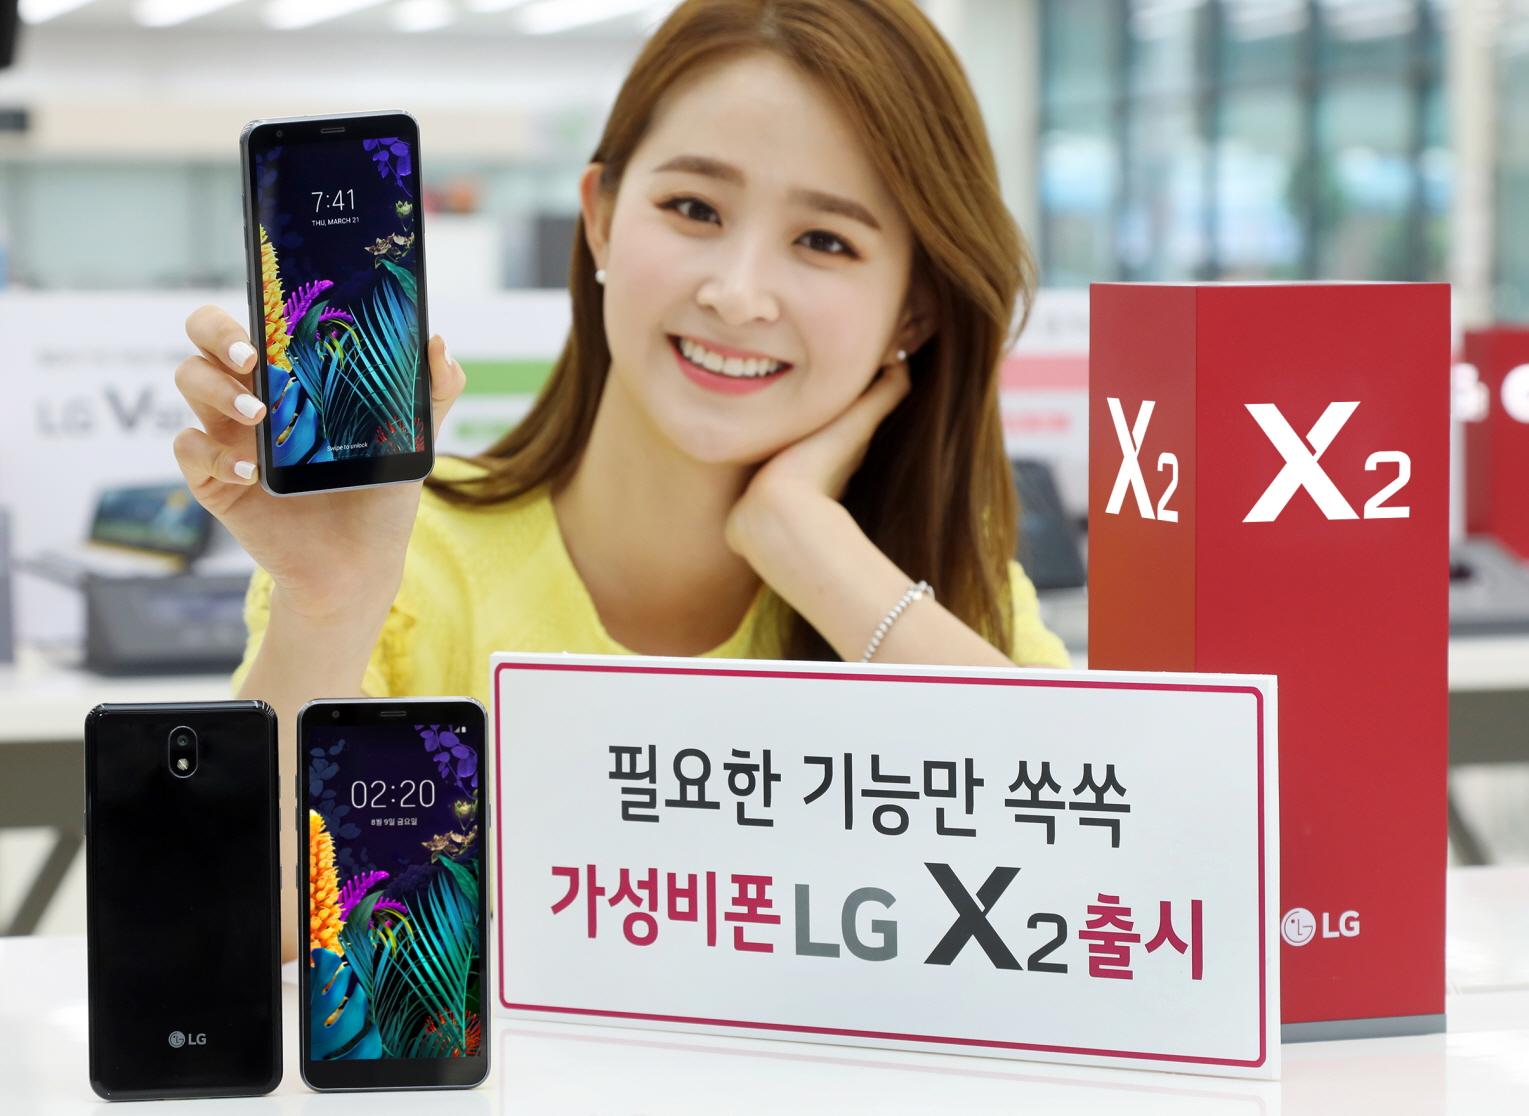 LG전자가 오는 9일 이통3사와 자급제 채널을 통해 실속형 스마트폰 LG X2를 국내 출시한다. 출고가는 19만 8천 원. LG전자 모델이 서울 영등포구 소재 LG베스트샵 양평점에 위치한 모바일 코너에서 LG X2를 소개하고 있다.